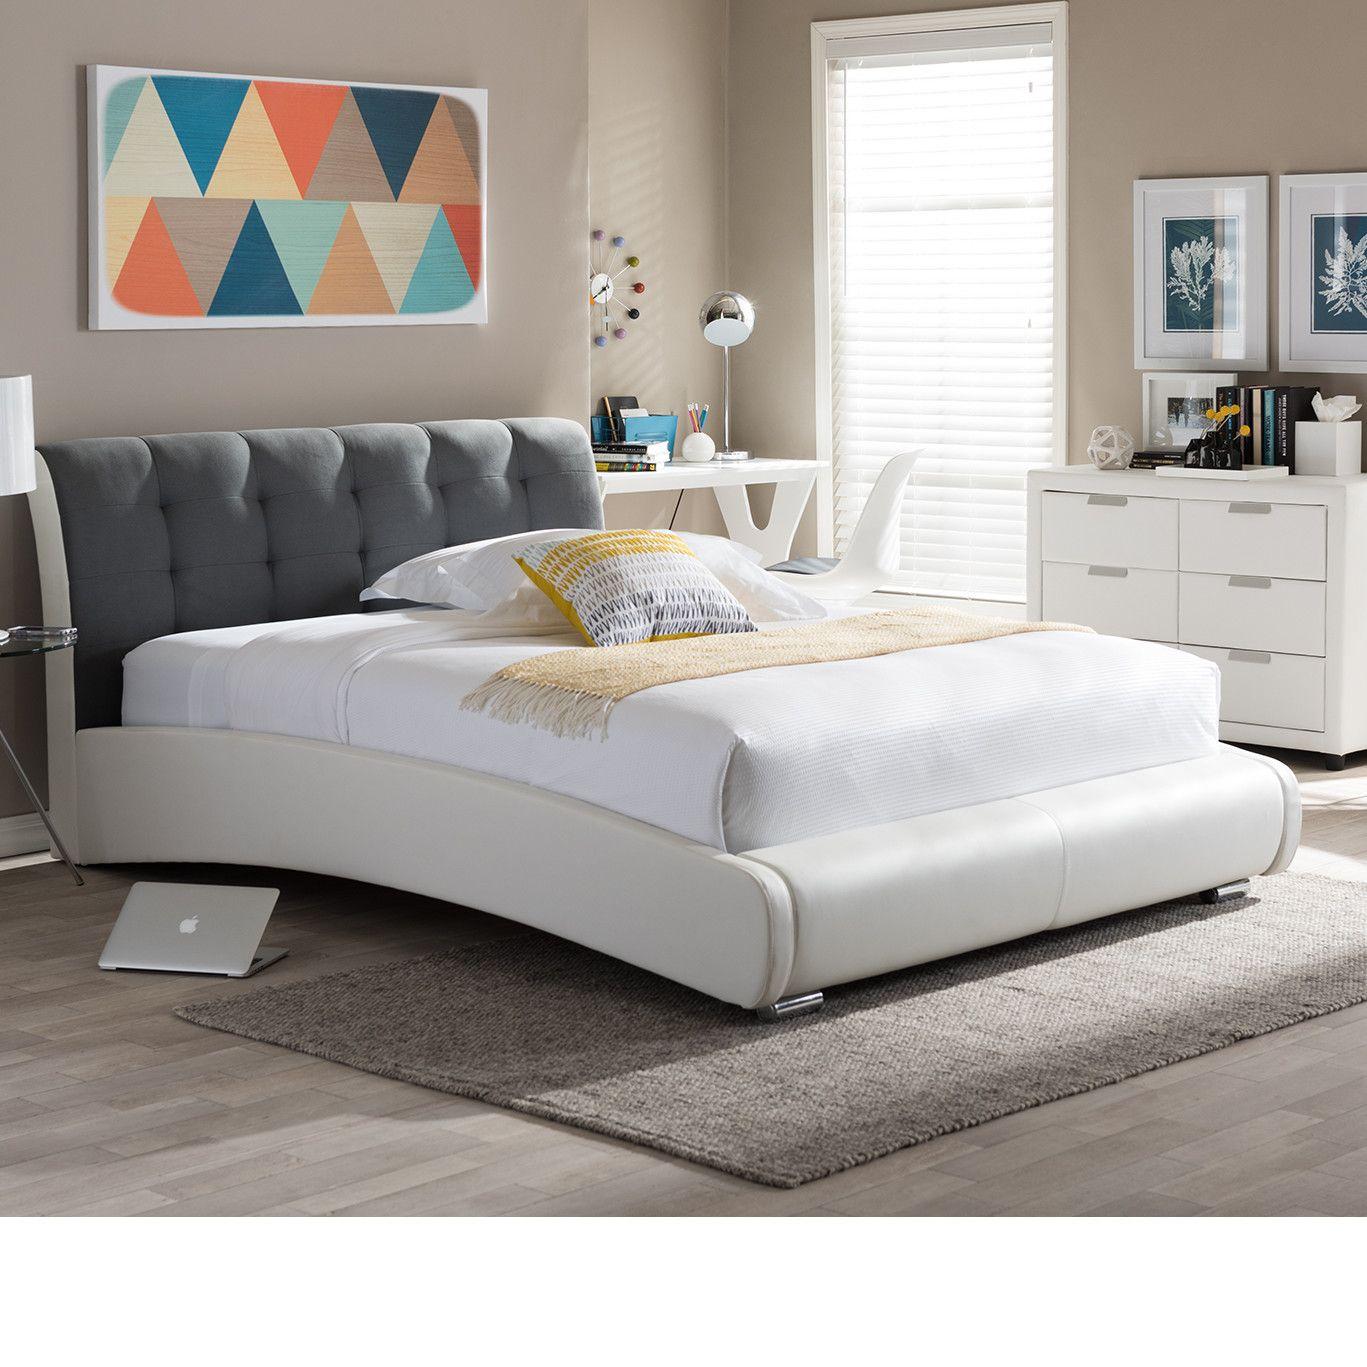 Maxon Upholstered Platform Bed